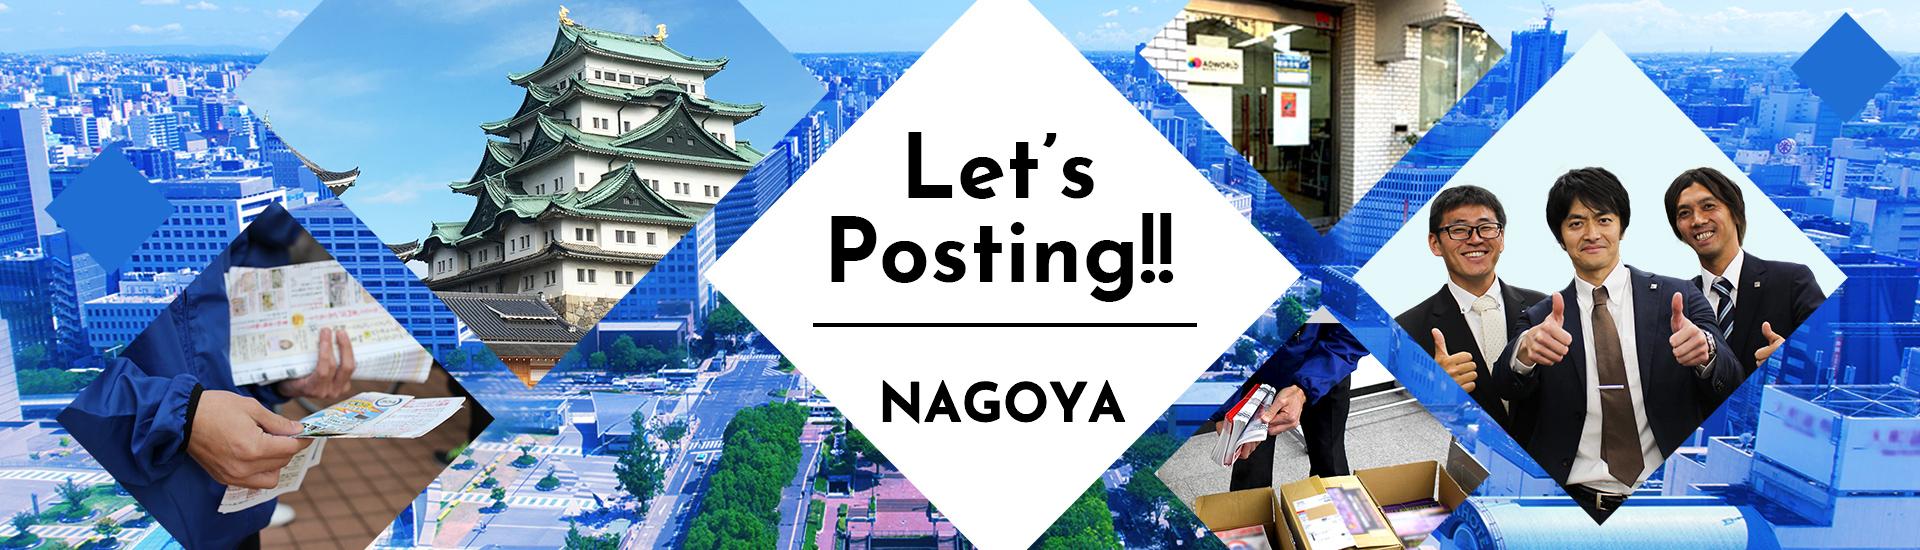 Let's Posting! -nagoya-